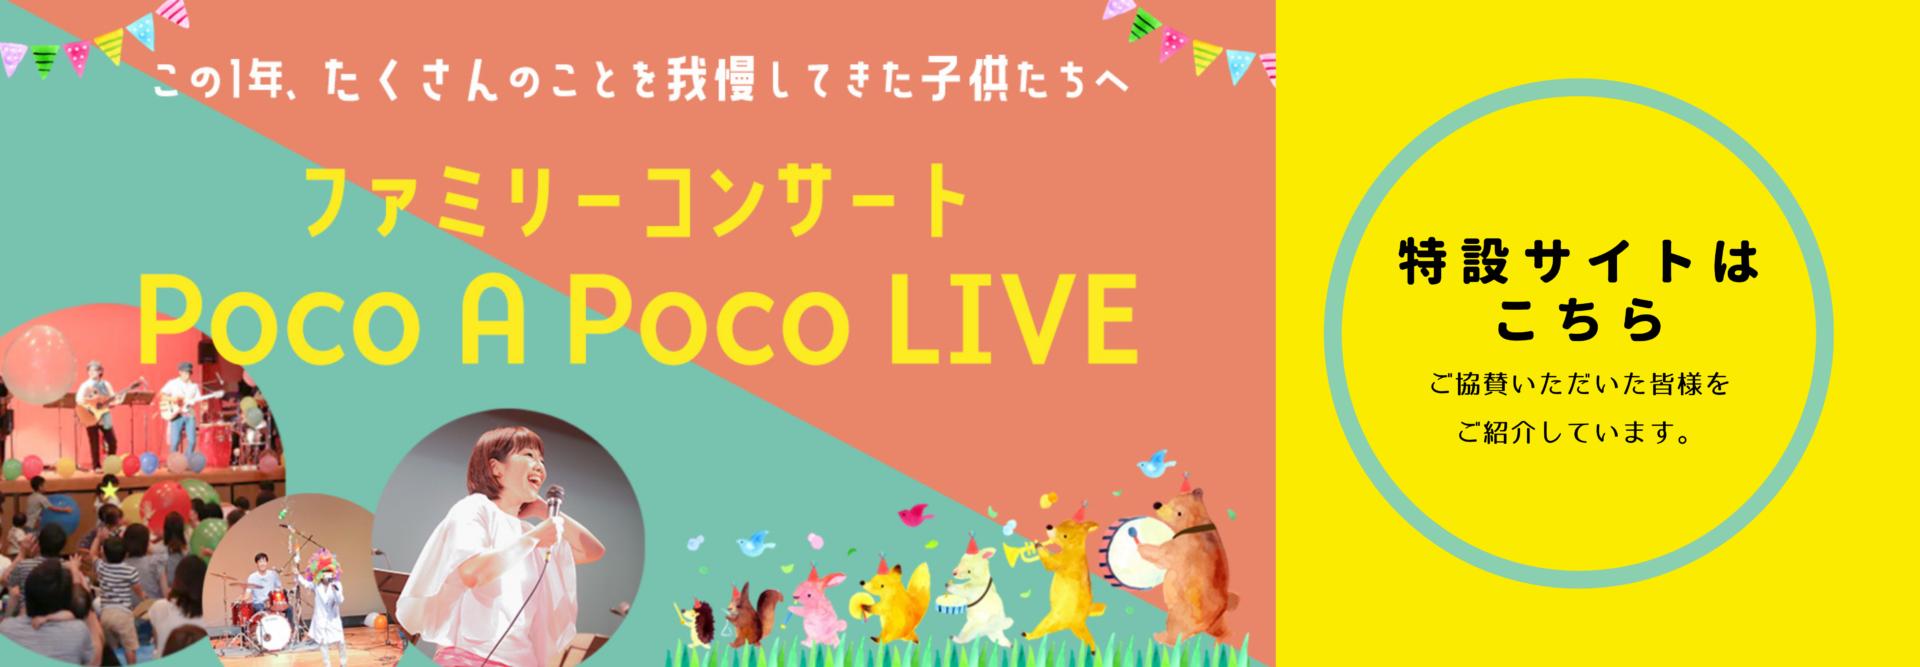 江戸川区のファミリーコンサート